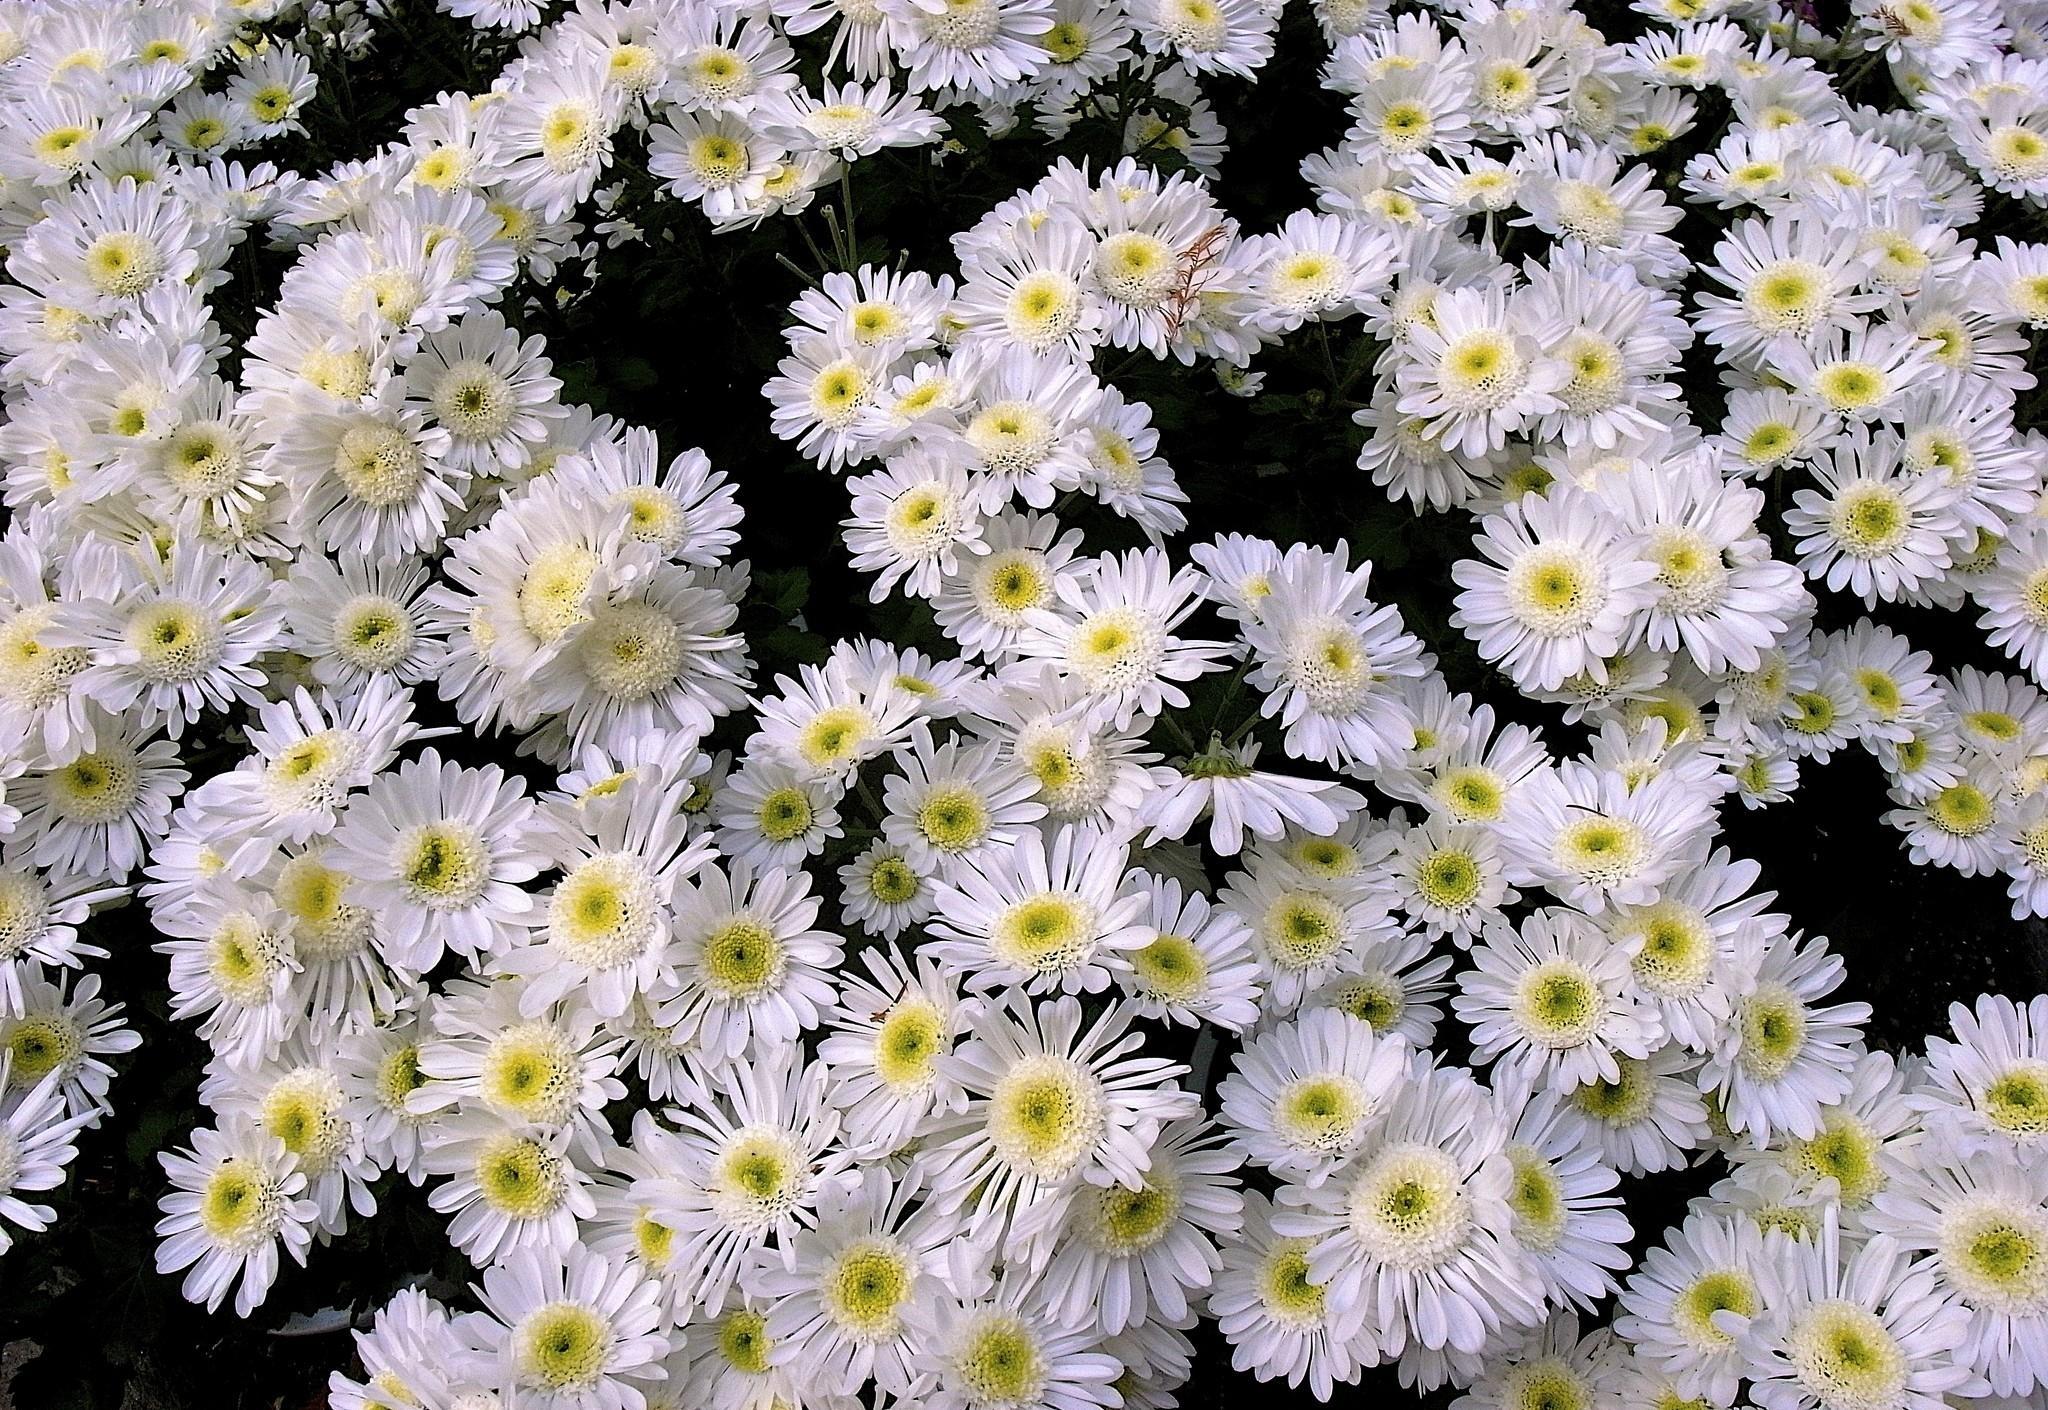 Wallpaper : krisan, bunga-bunga, putih, banyak 2048x1410